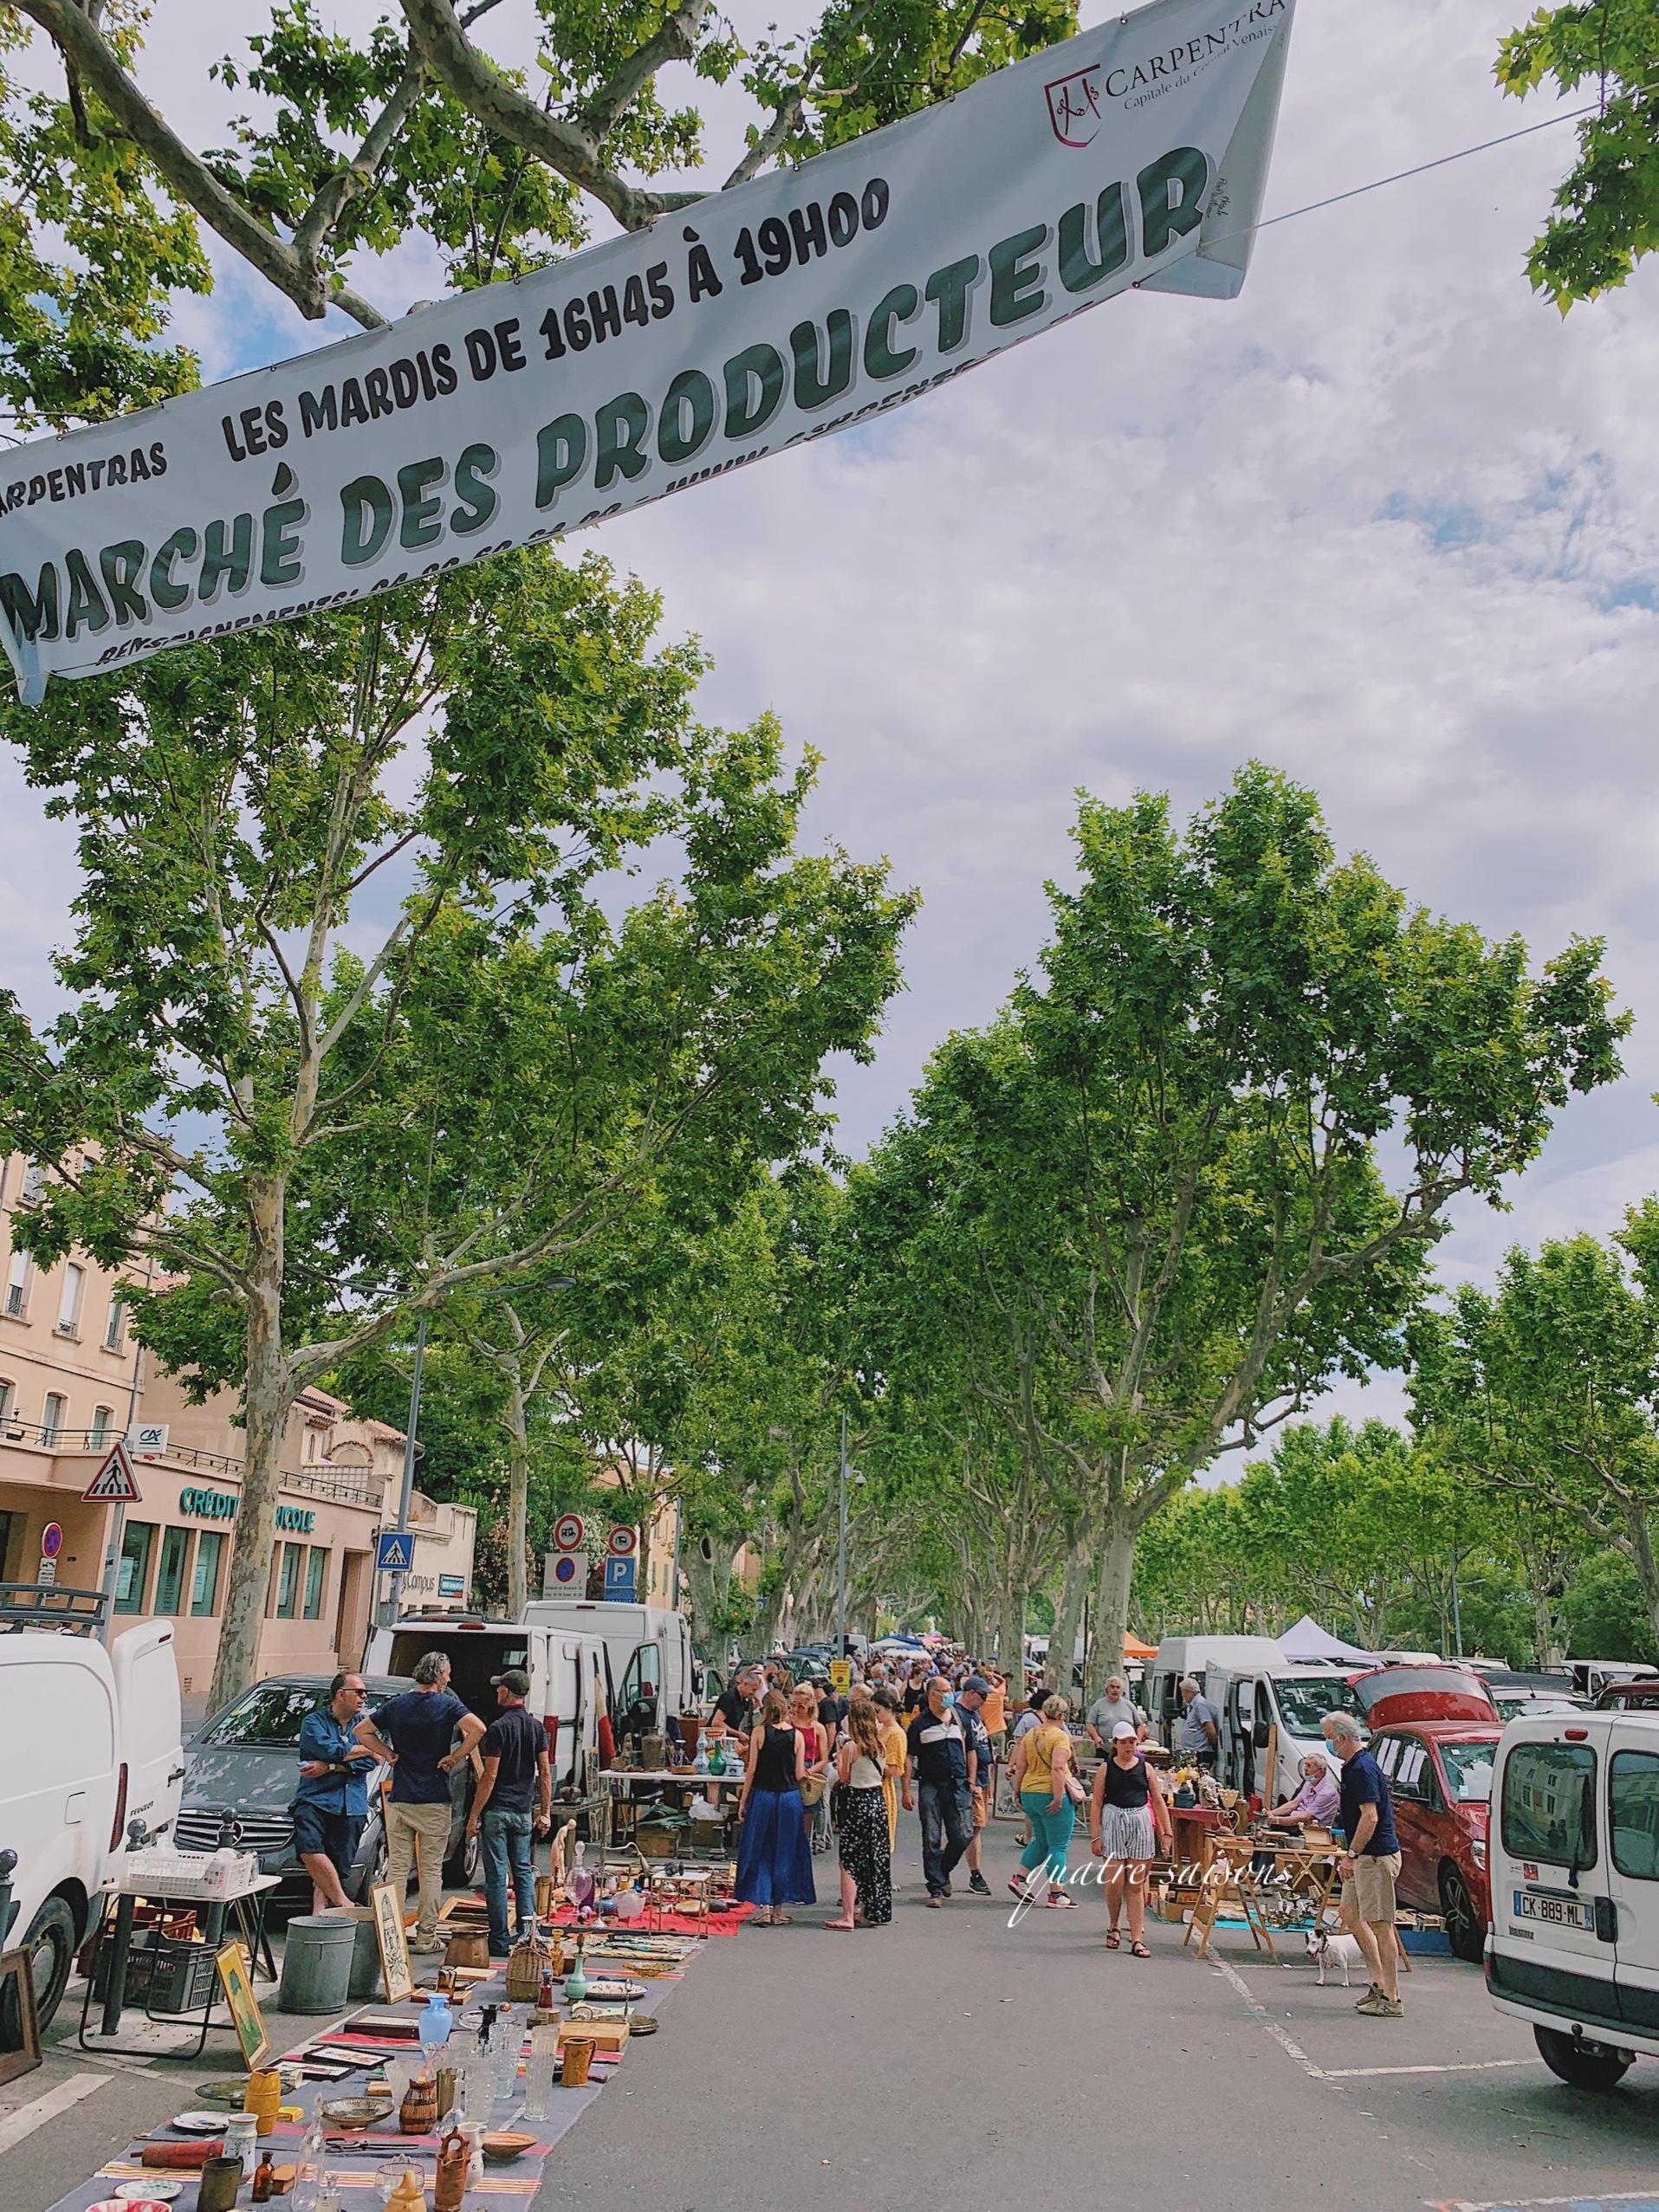 南仏で毎週日曜日に行われている大きな蚤の市